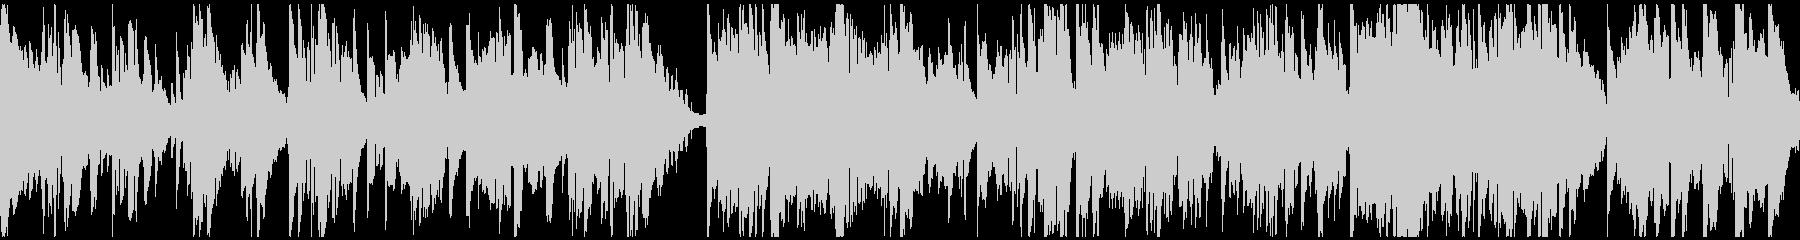 高音サックスの大人なバラード ※ループ版の未再生の波形